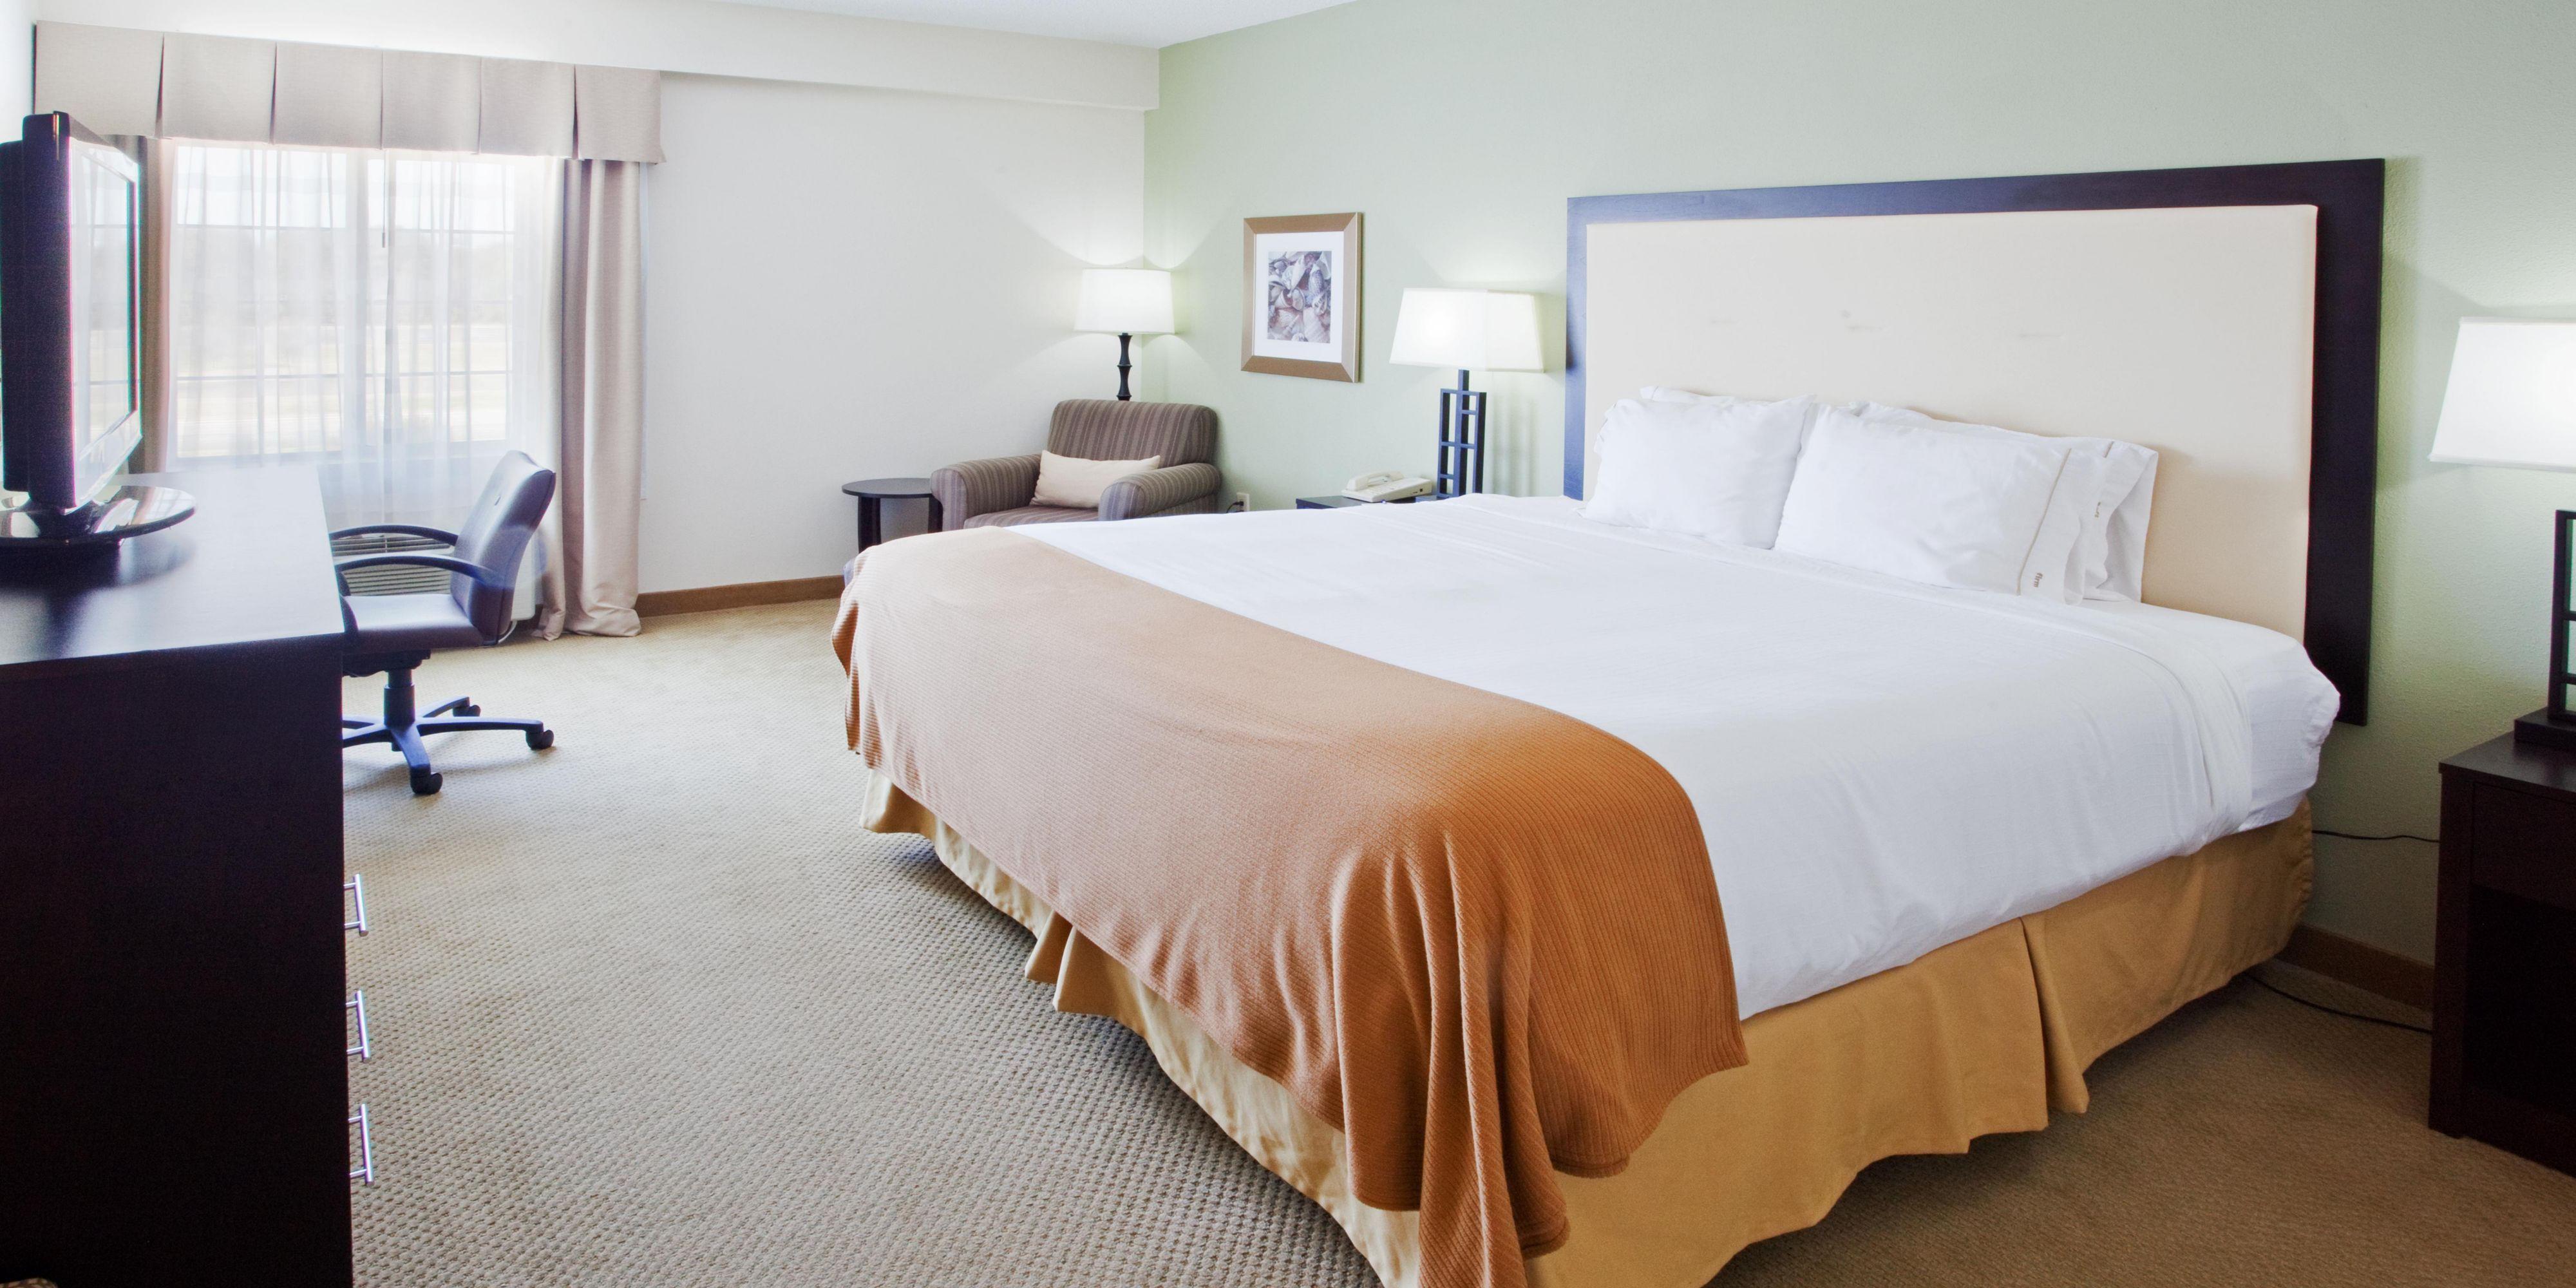 Holiday Inn Express Myrtle Beach BroadwayThe Bch Hotel By IHG